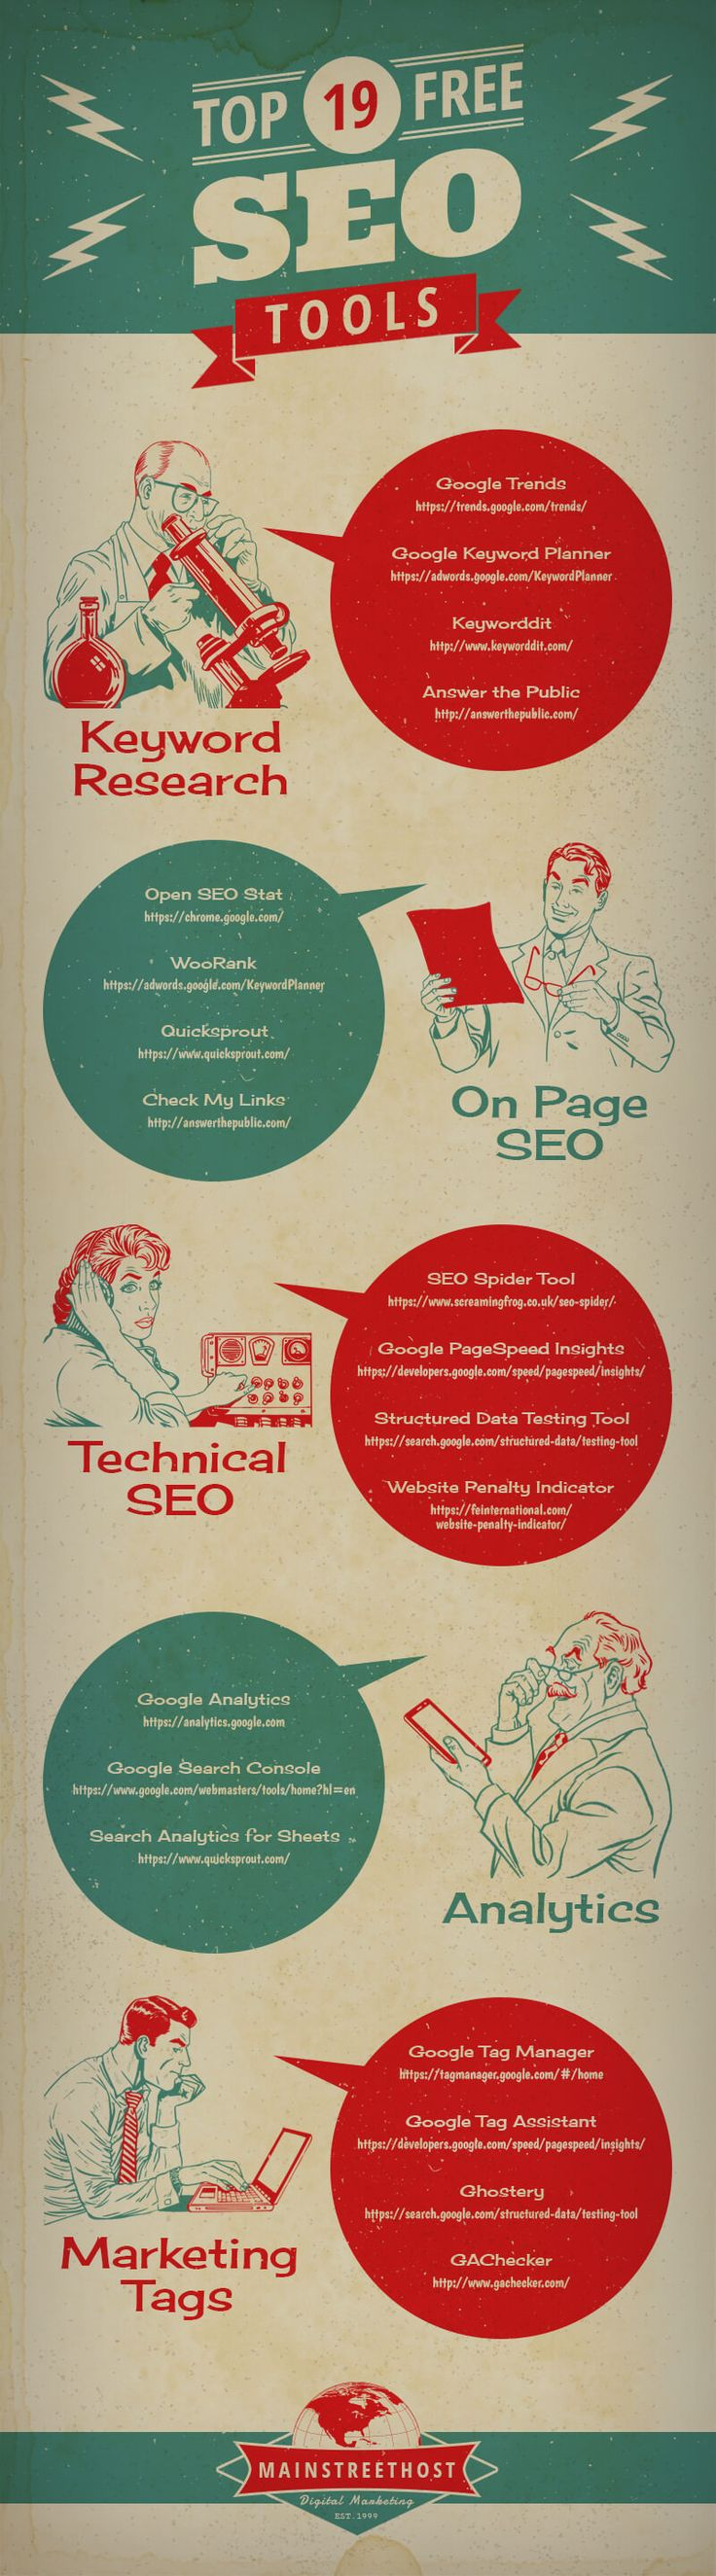 Top 19 Free SEO Tools #Infographic #SEO